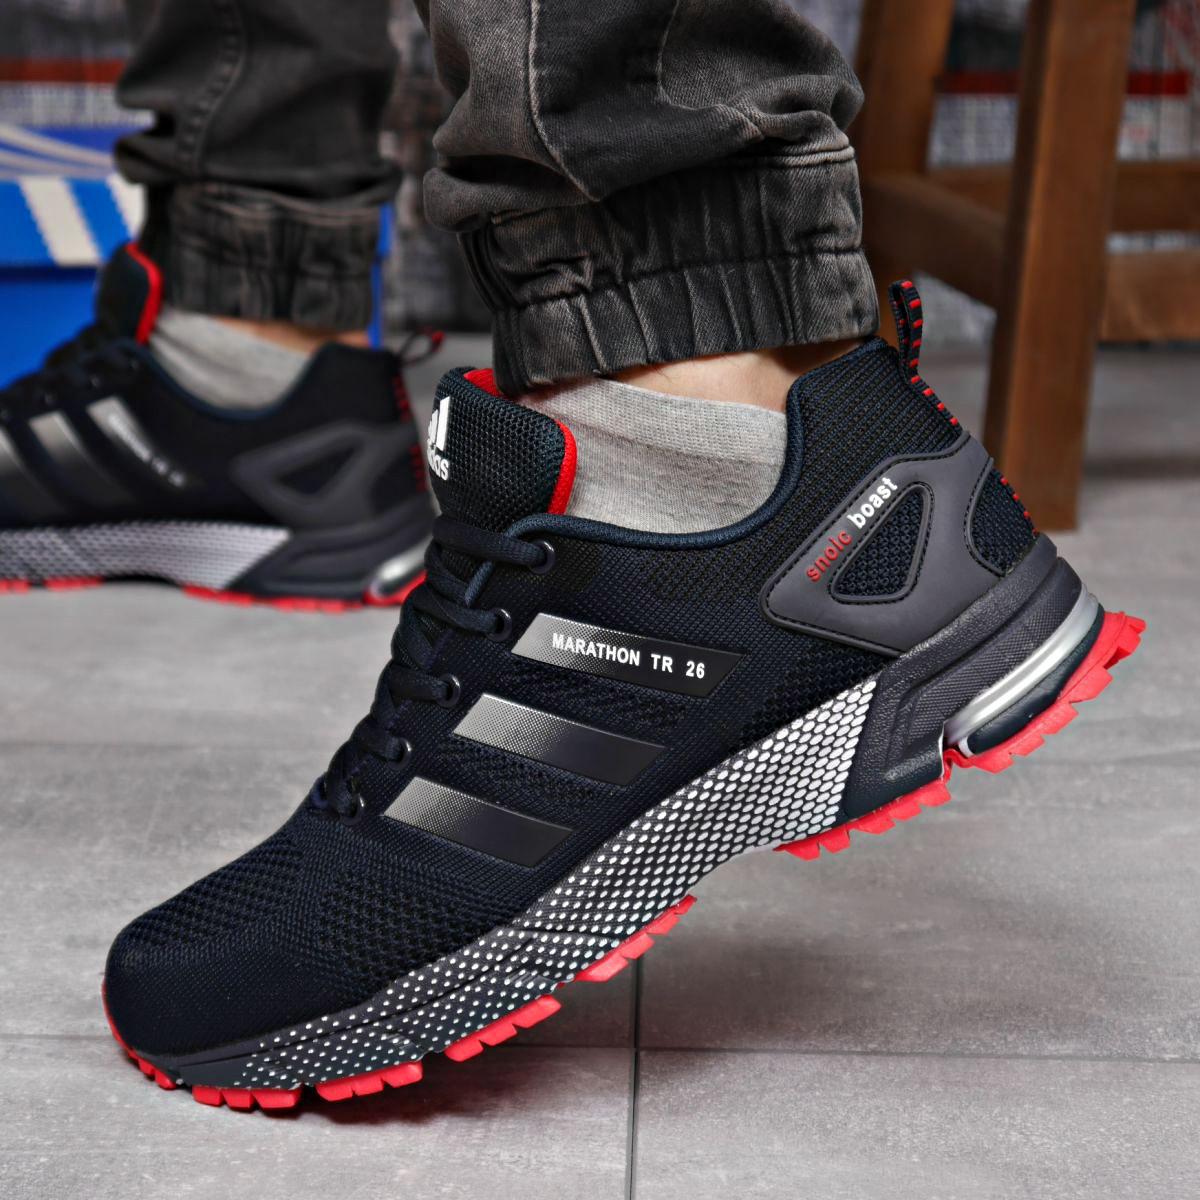 Кроссовки мужские 18223 ► Adidas Marathon Tr 26, темно-синие . [Размеры в наличии: 41,44,46,[,]]